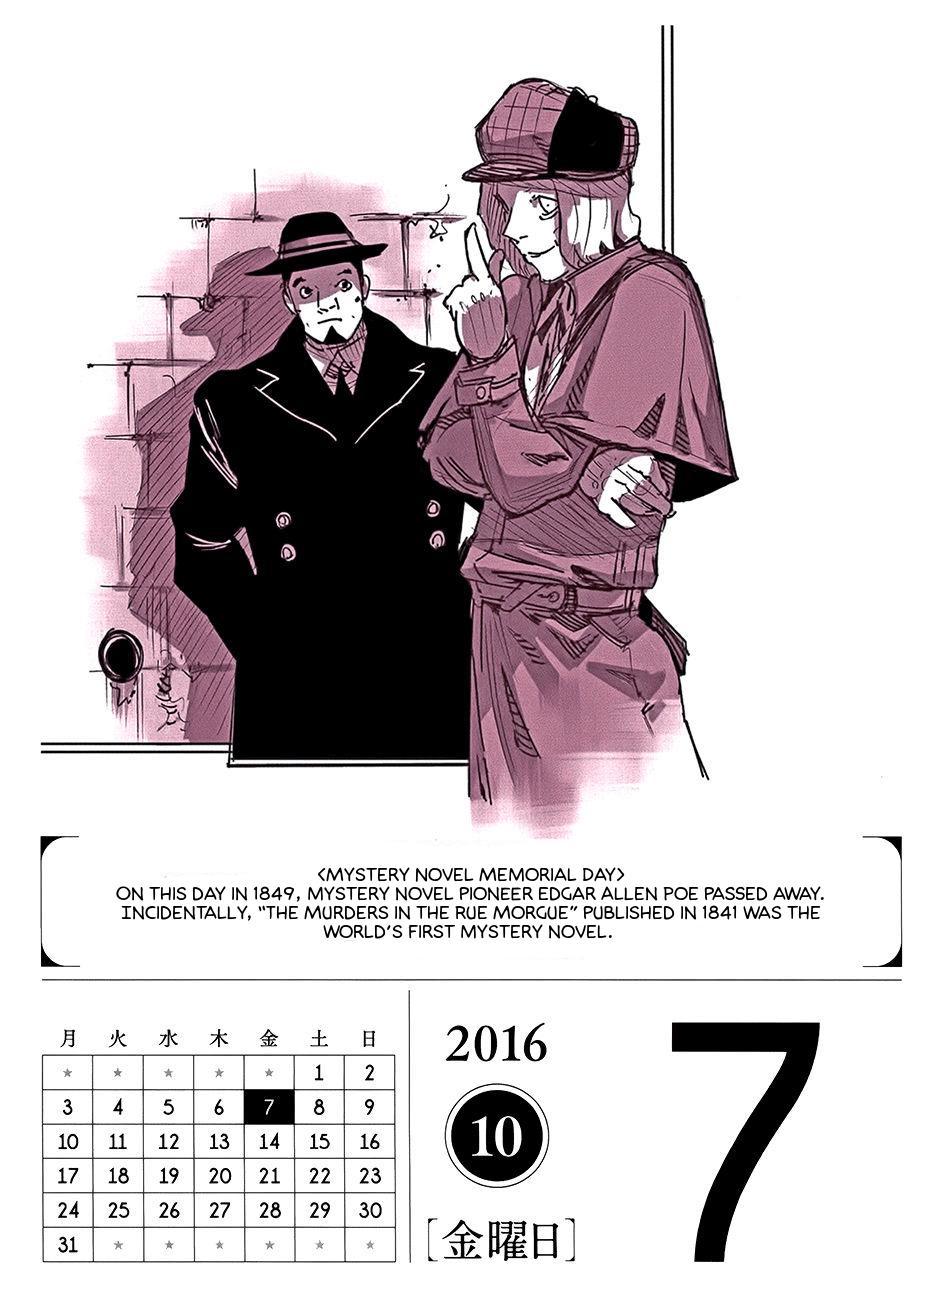 Tokyo Ghoul 366 Days Calendar 2016 October Album on